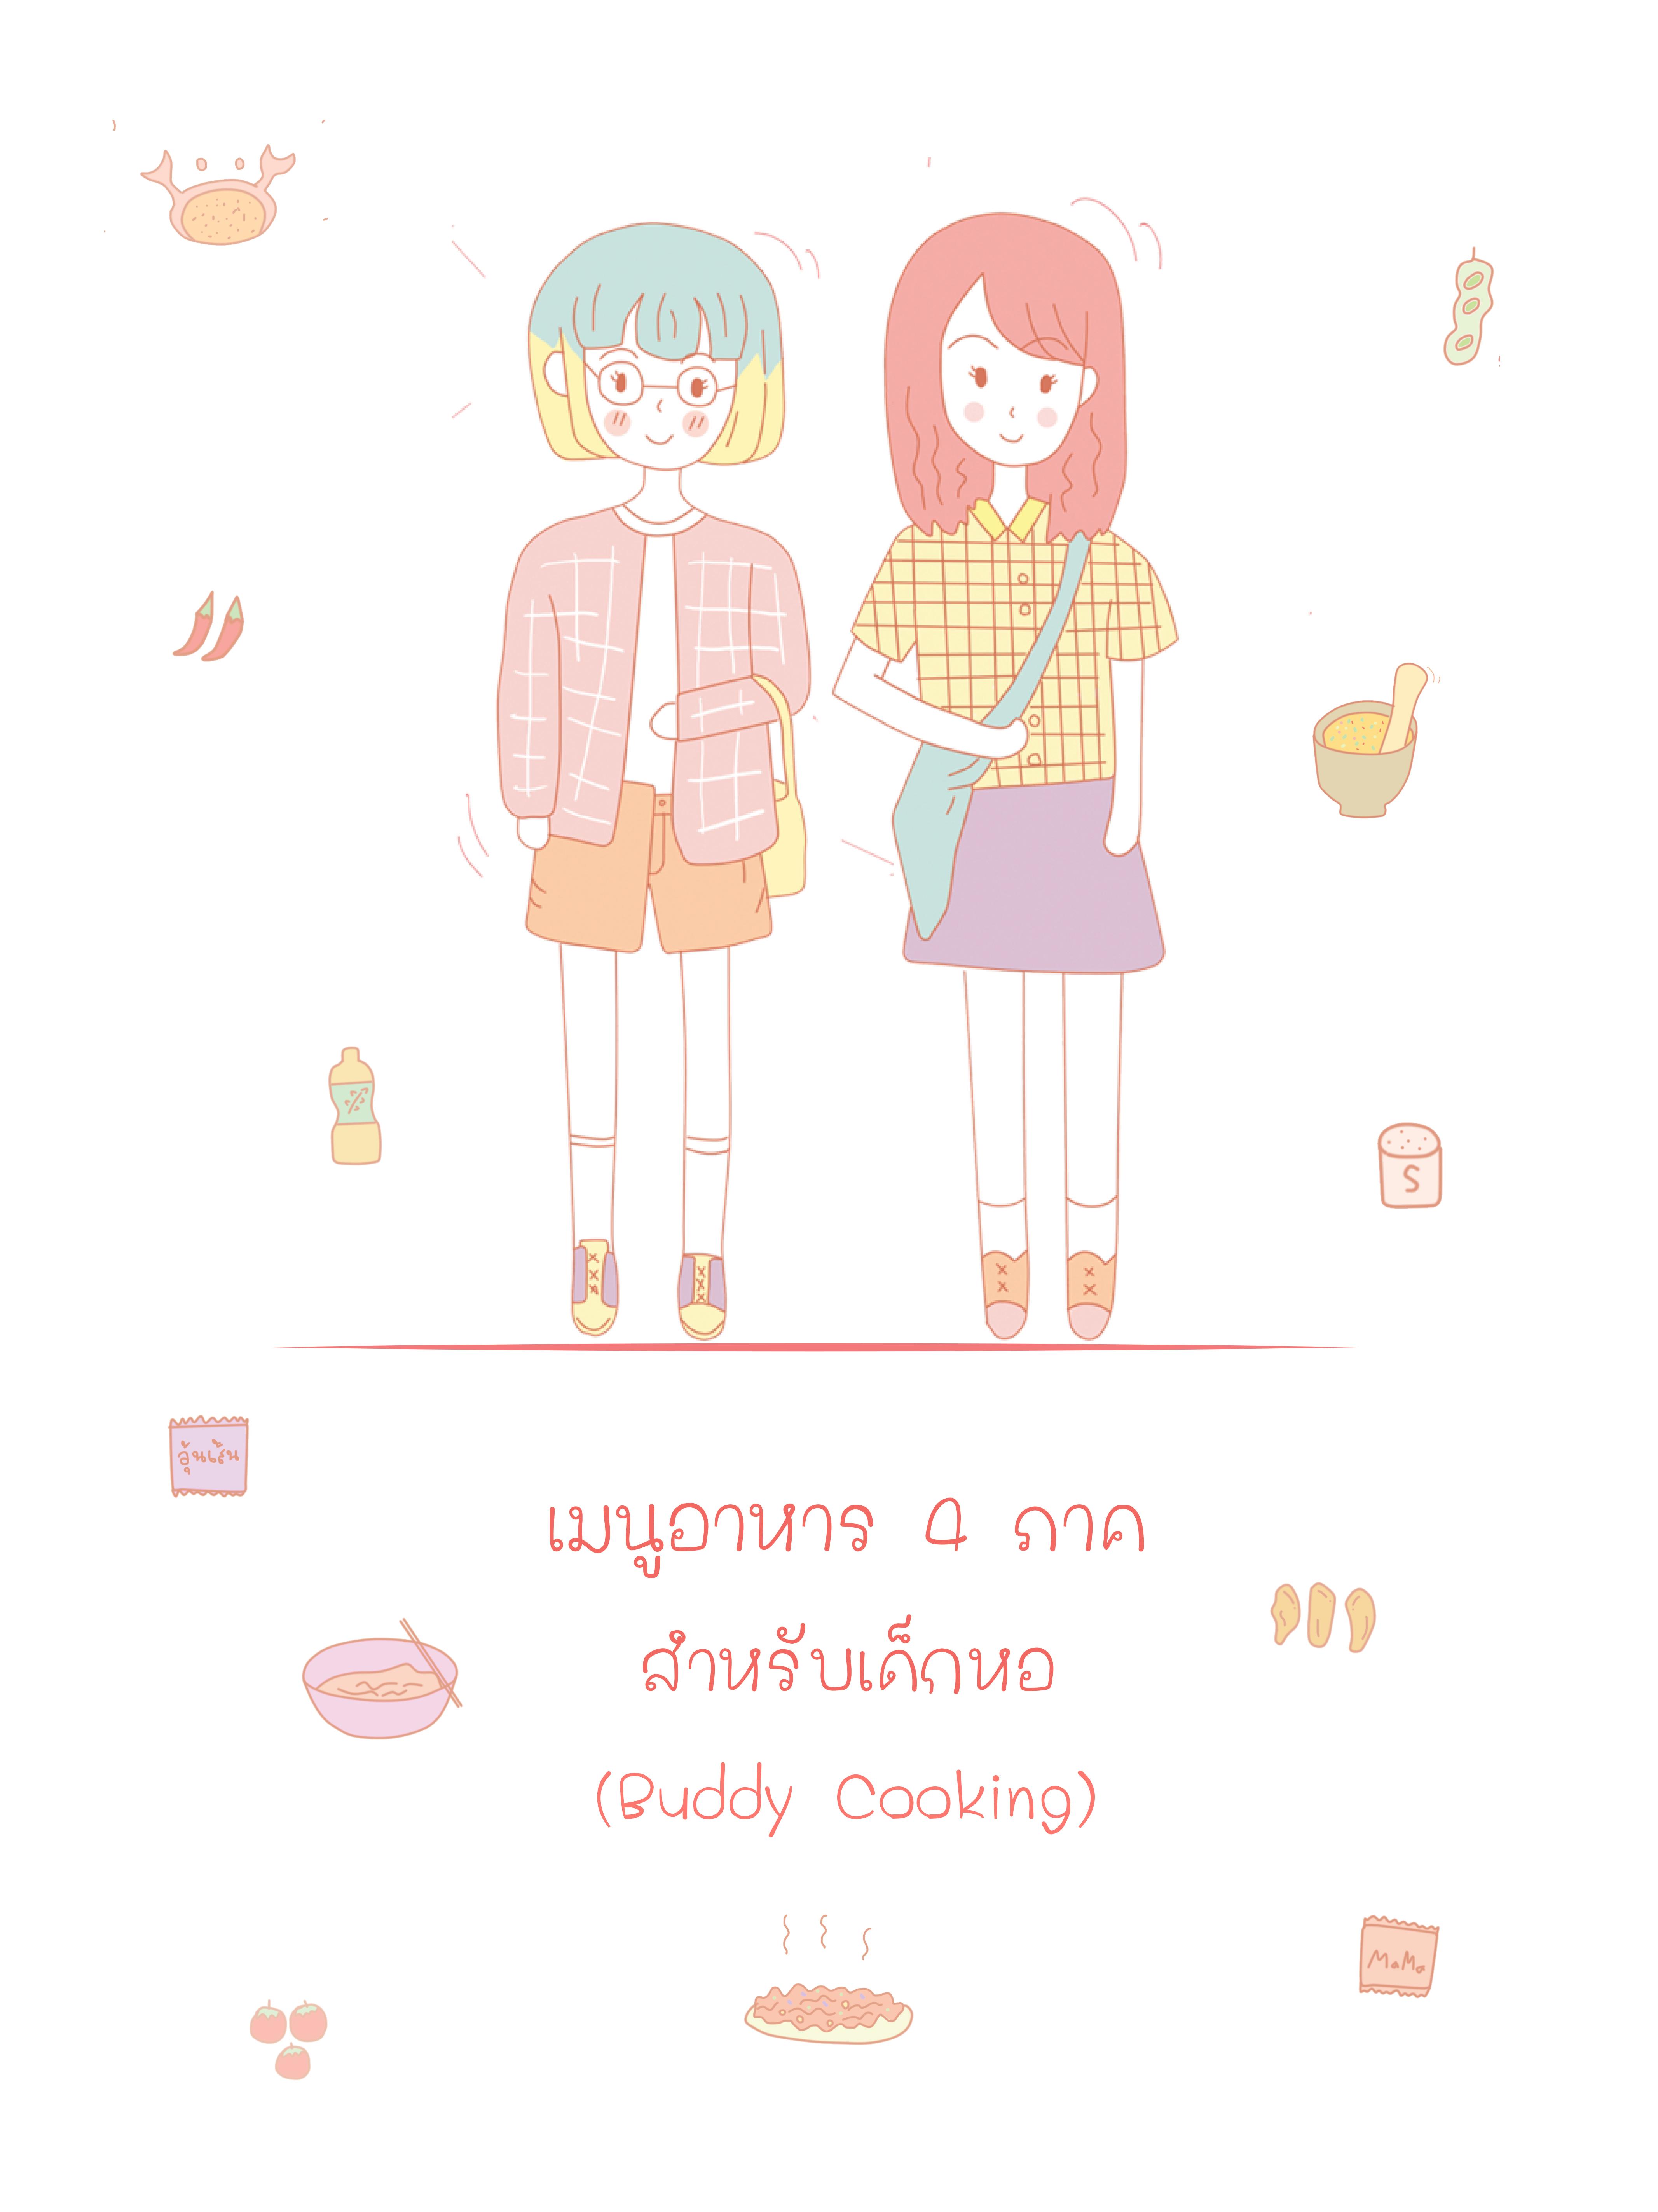 อาหาร 4 ภาคสำหรับเด็กหอ (Buddy Cooking)